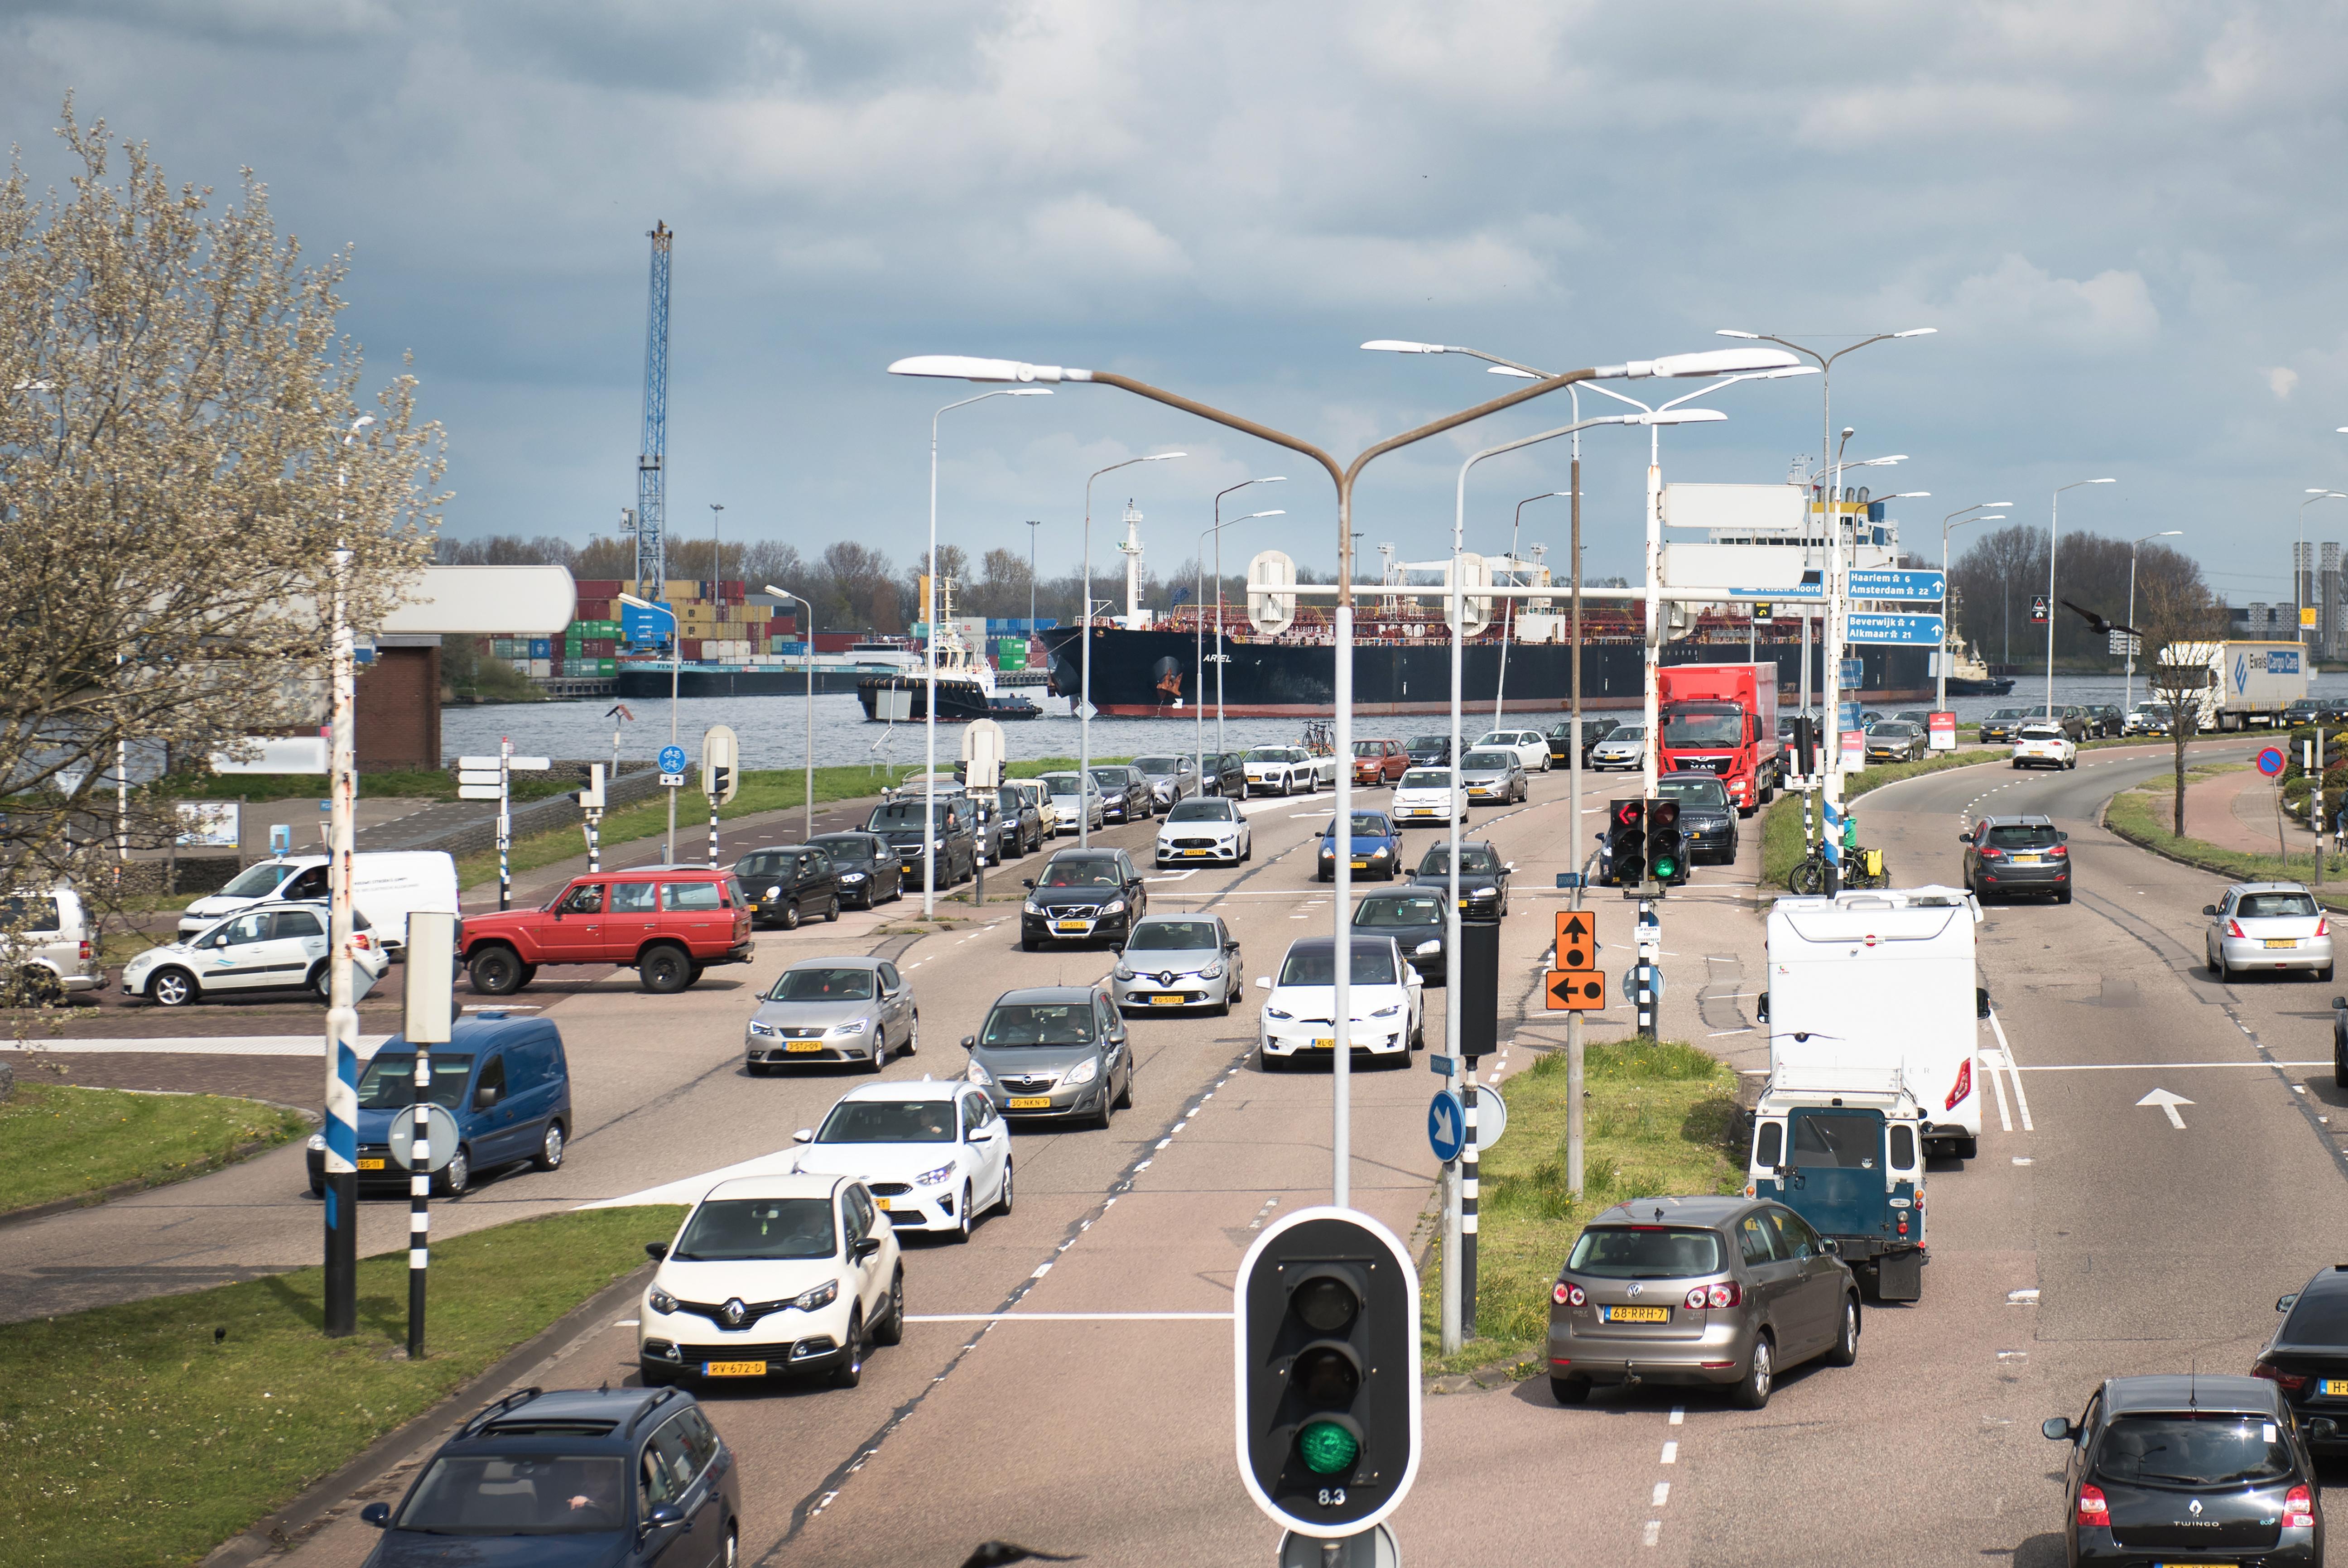 Moet Velsen een hardere toon aanslaan richting Rijkswaterstaat? Wat vind jij? Doe mee met de IJmondstelling